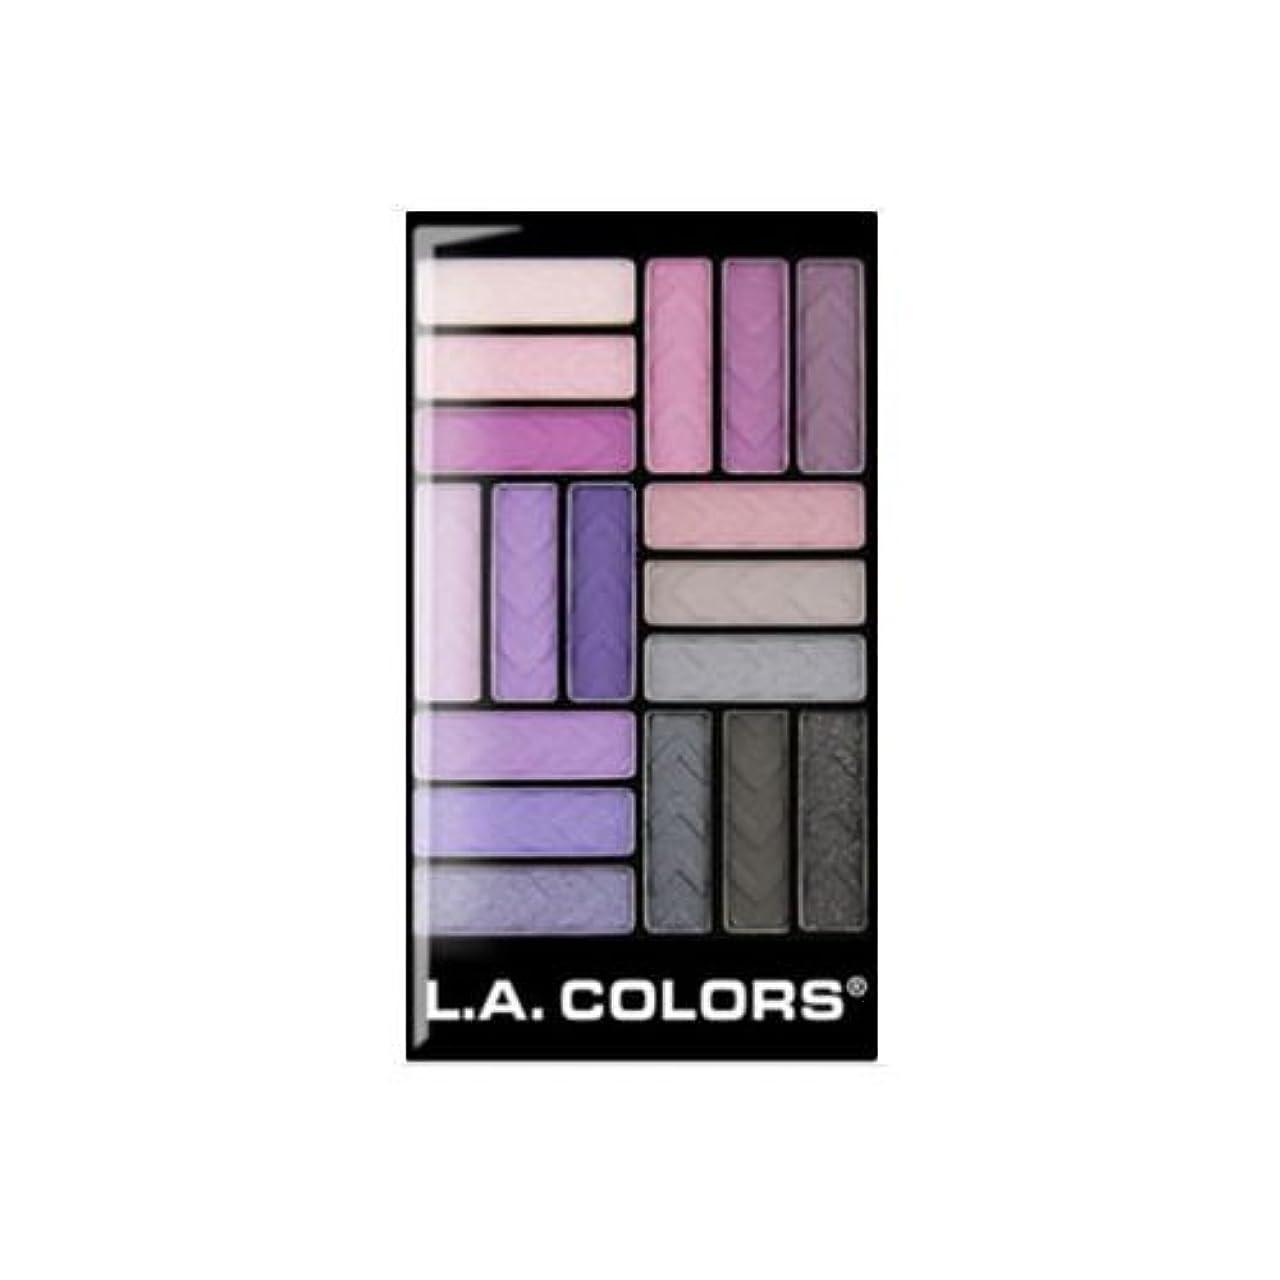 落ち着いたリビジョン脅かす(3 Pack) L.A. COLORS 18 Color Eyeshadow - Strange Love (並行輸入品)